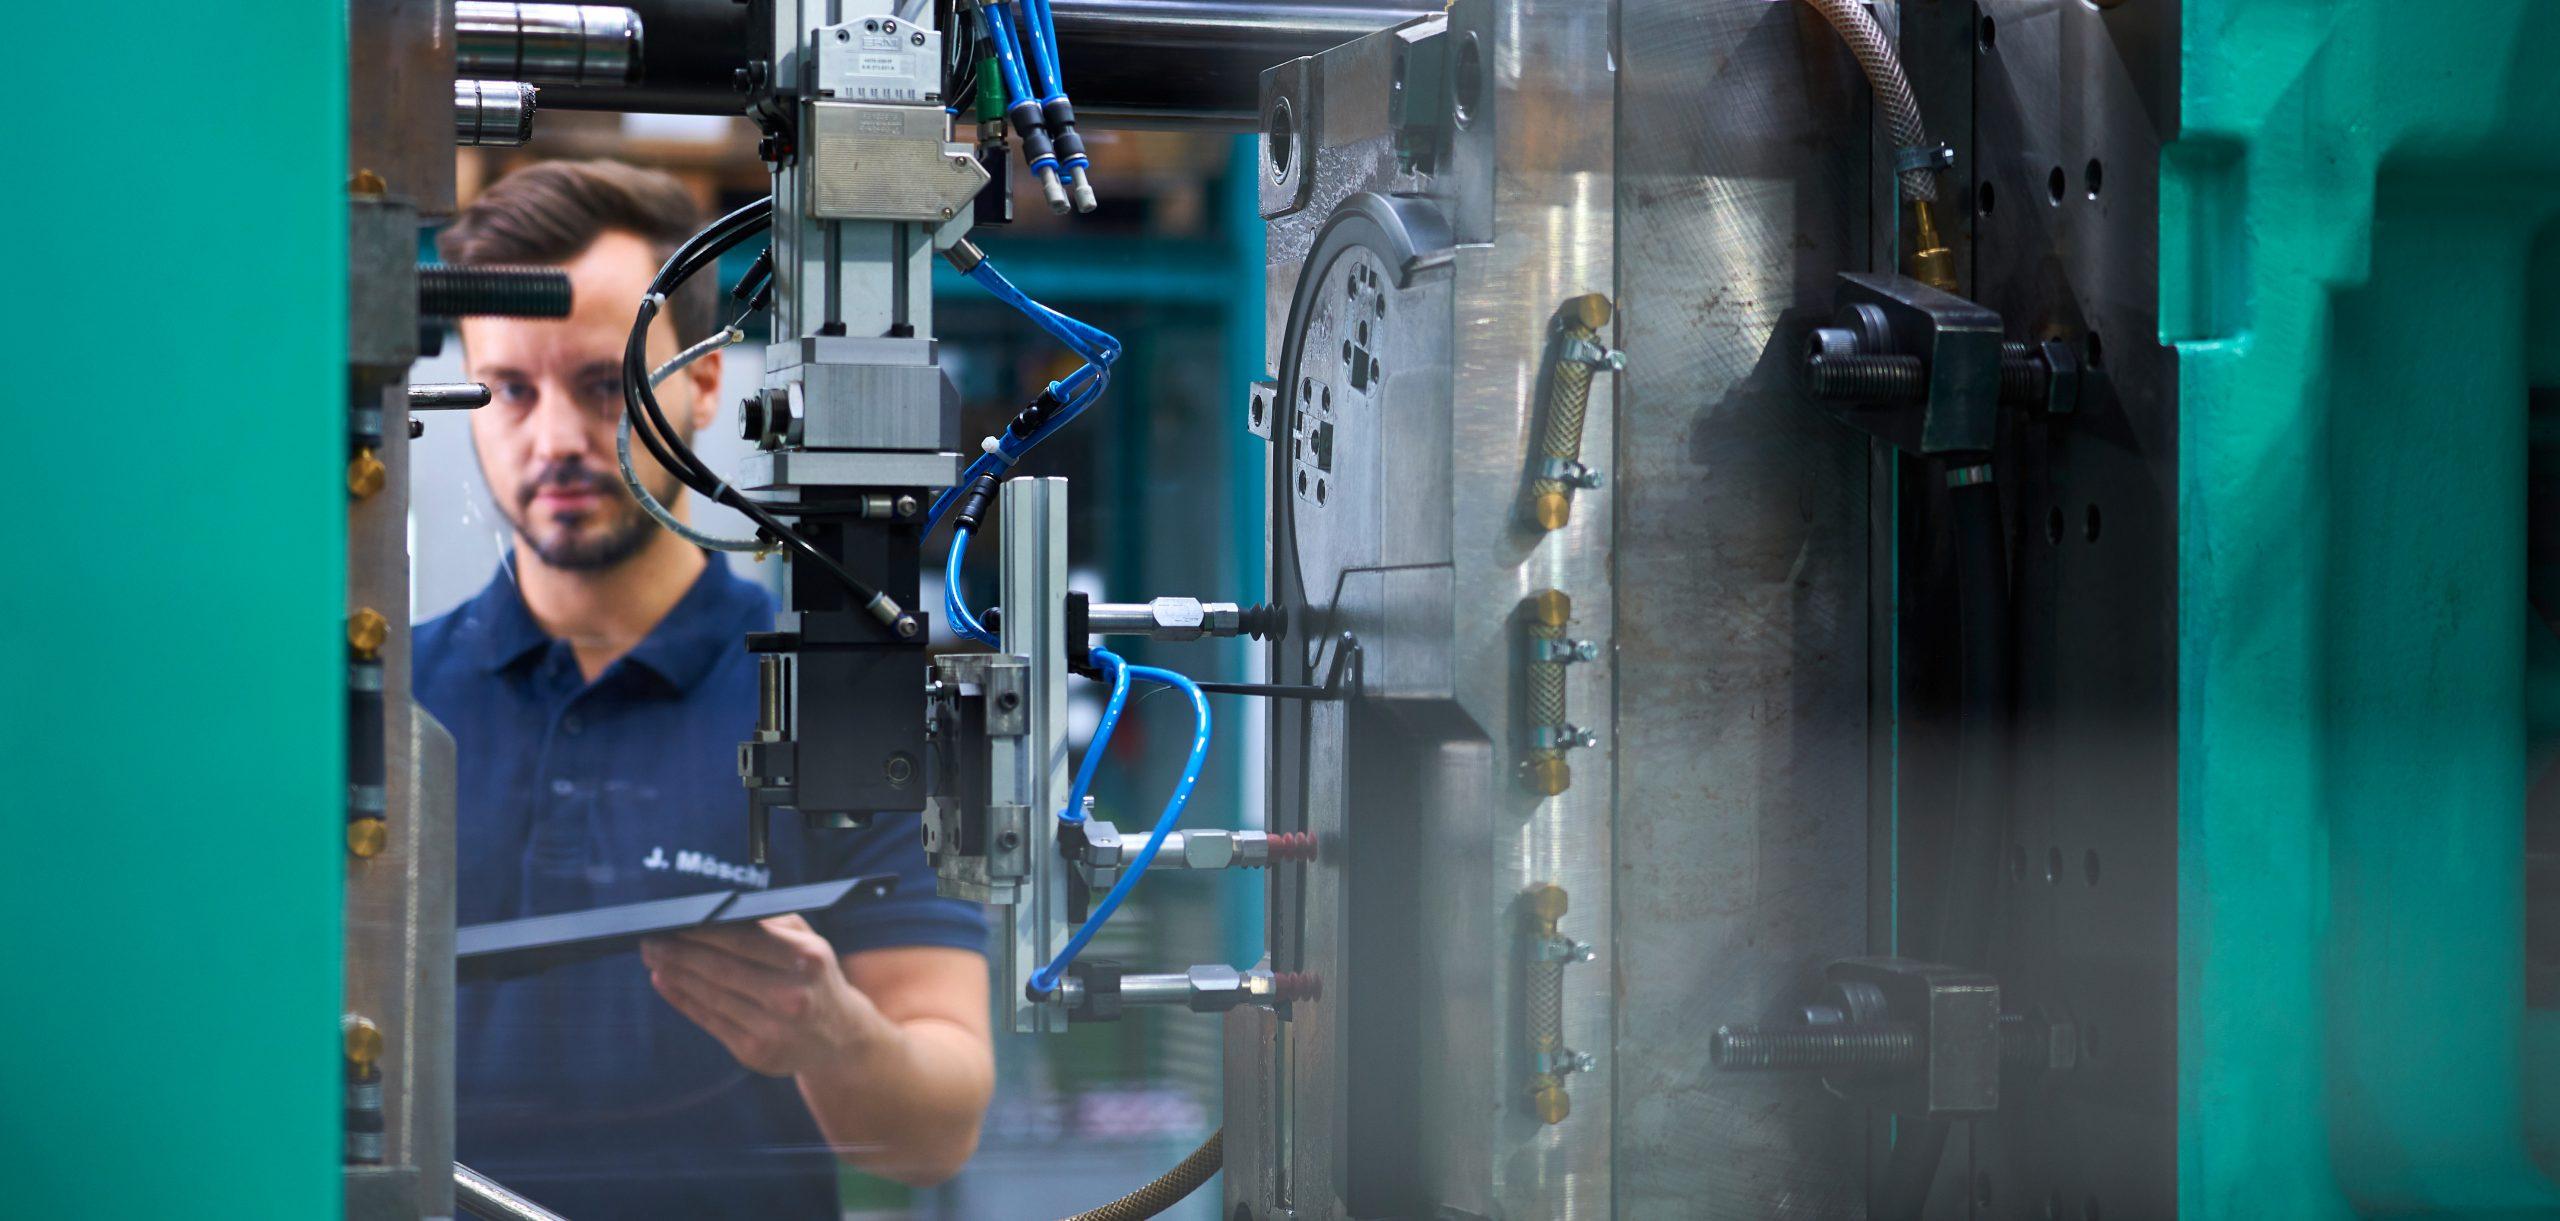 Bauteilentnahme bei einer Elektrospritzgießmaschine